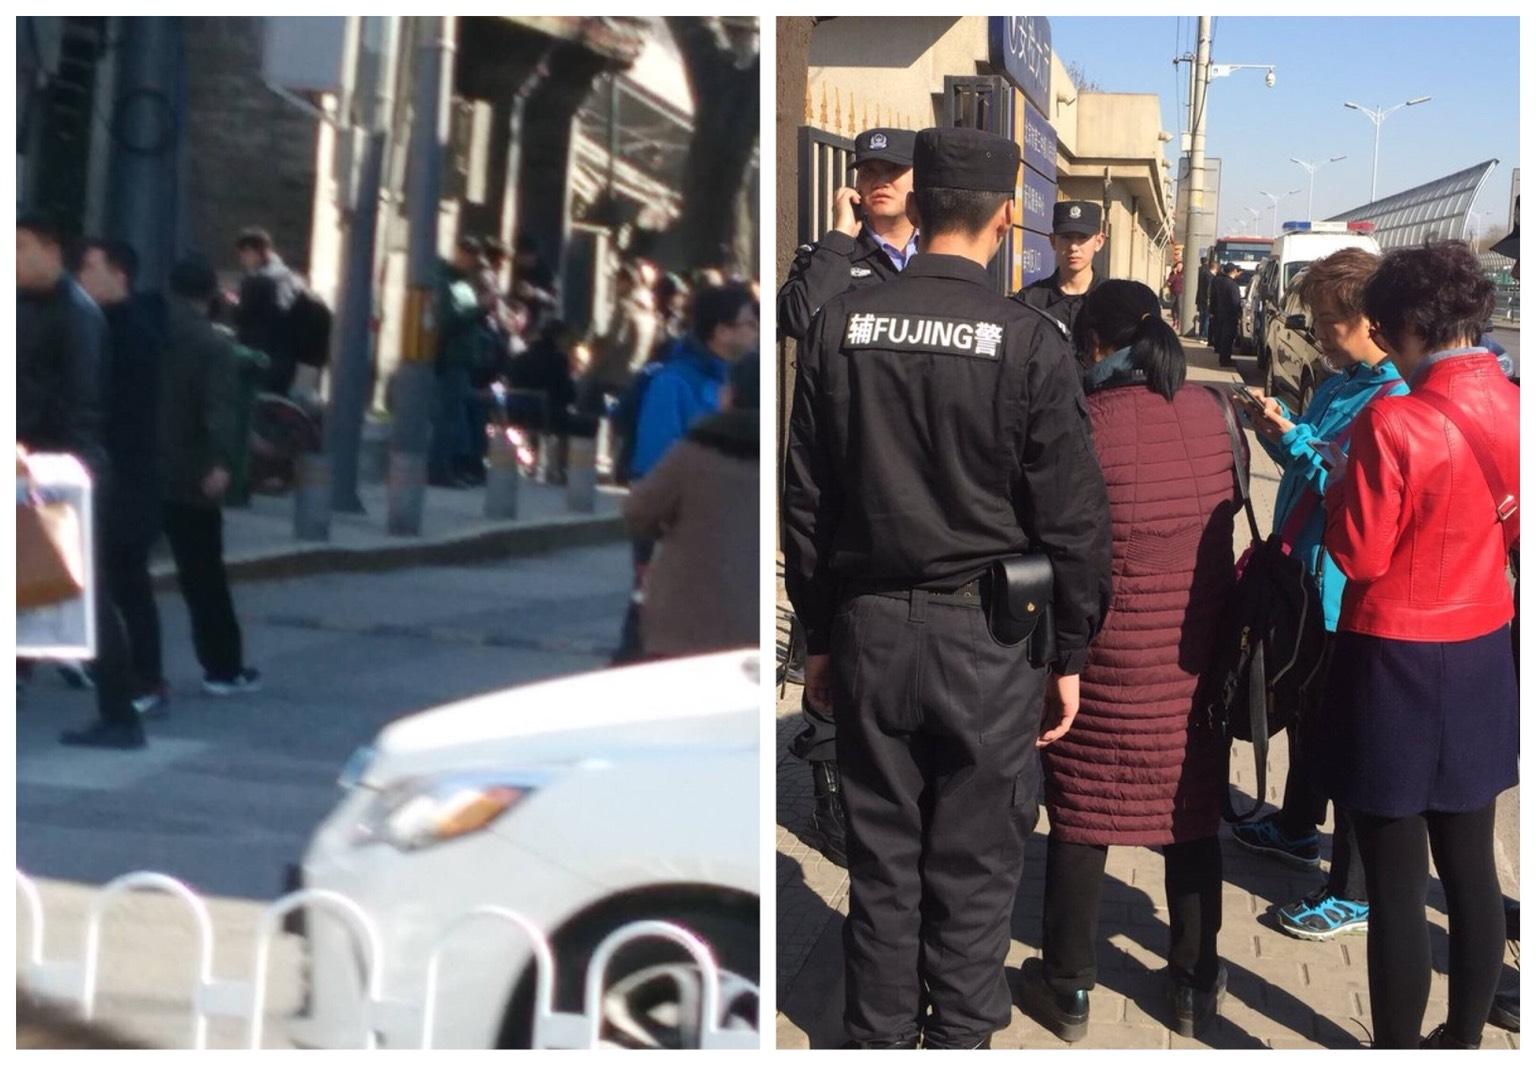 兩會期間傳出公安部、國家信訪局警察有疑似賣訪行為,訪民惱火。(大紀元合成圖)